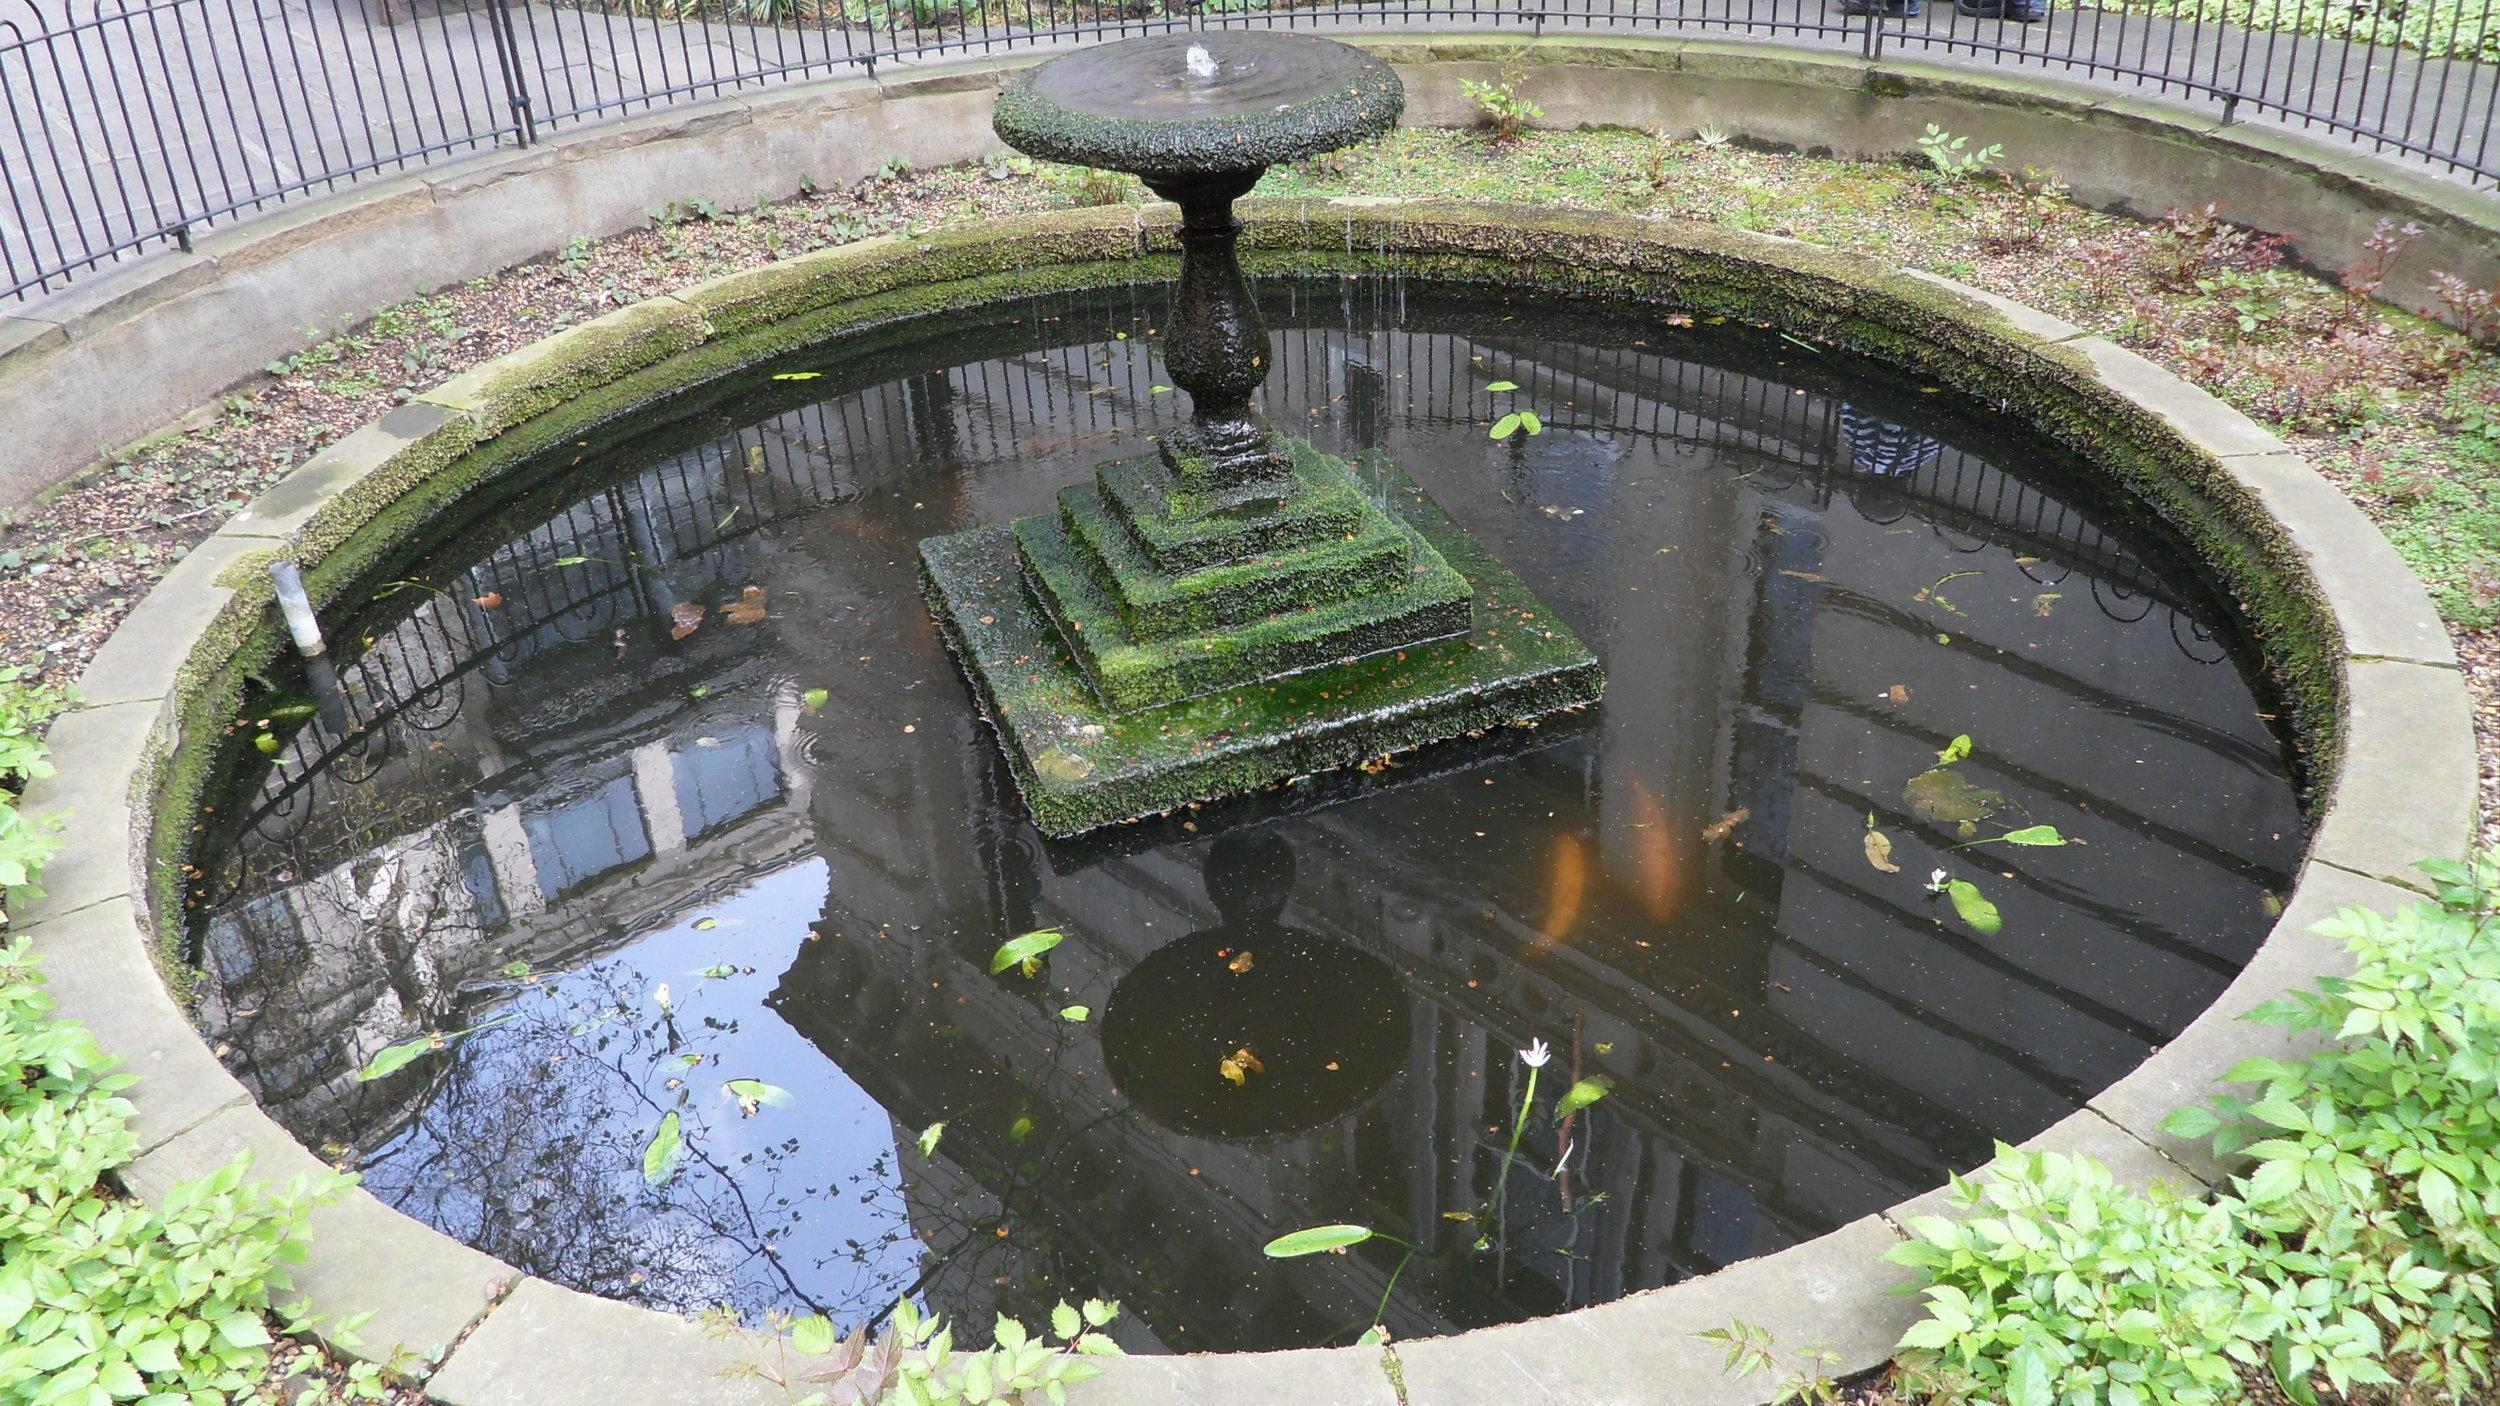 Postmans Park, London